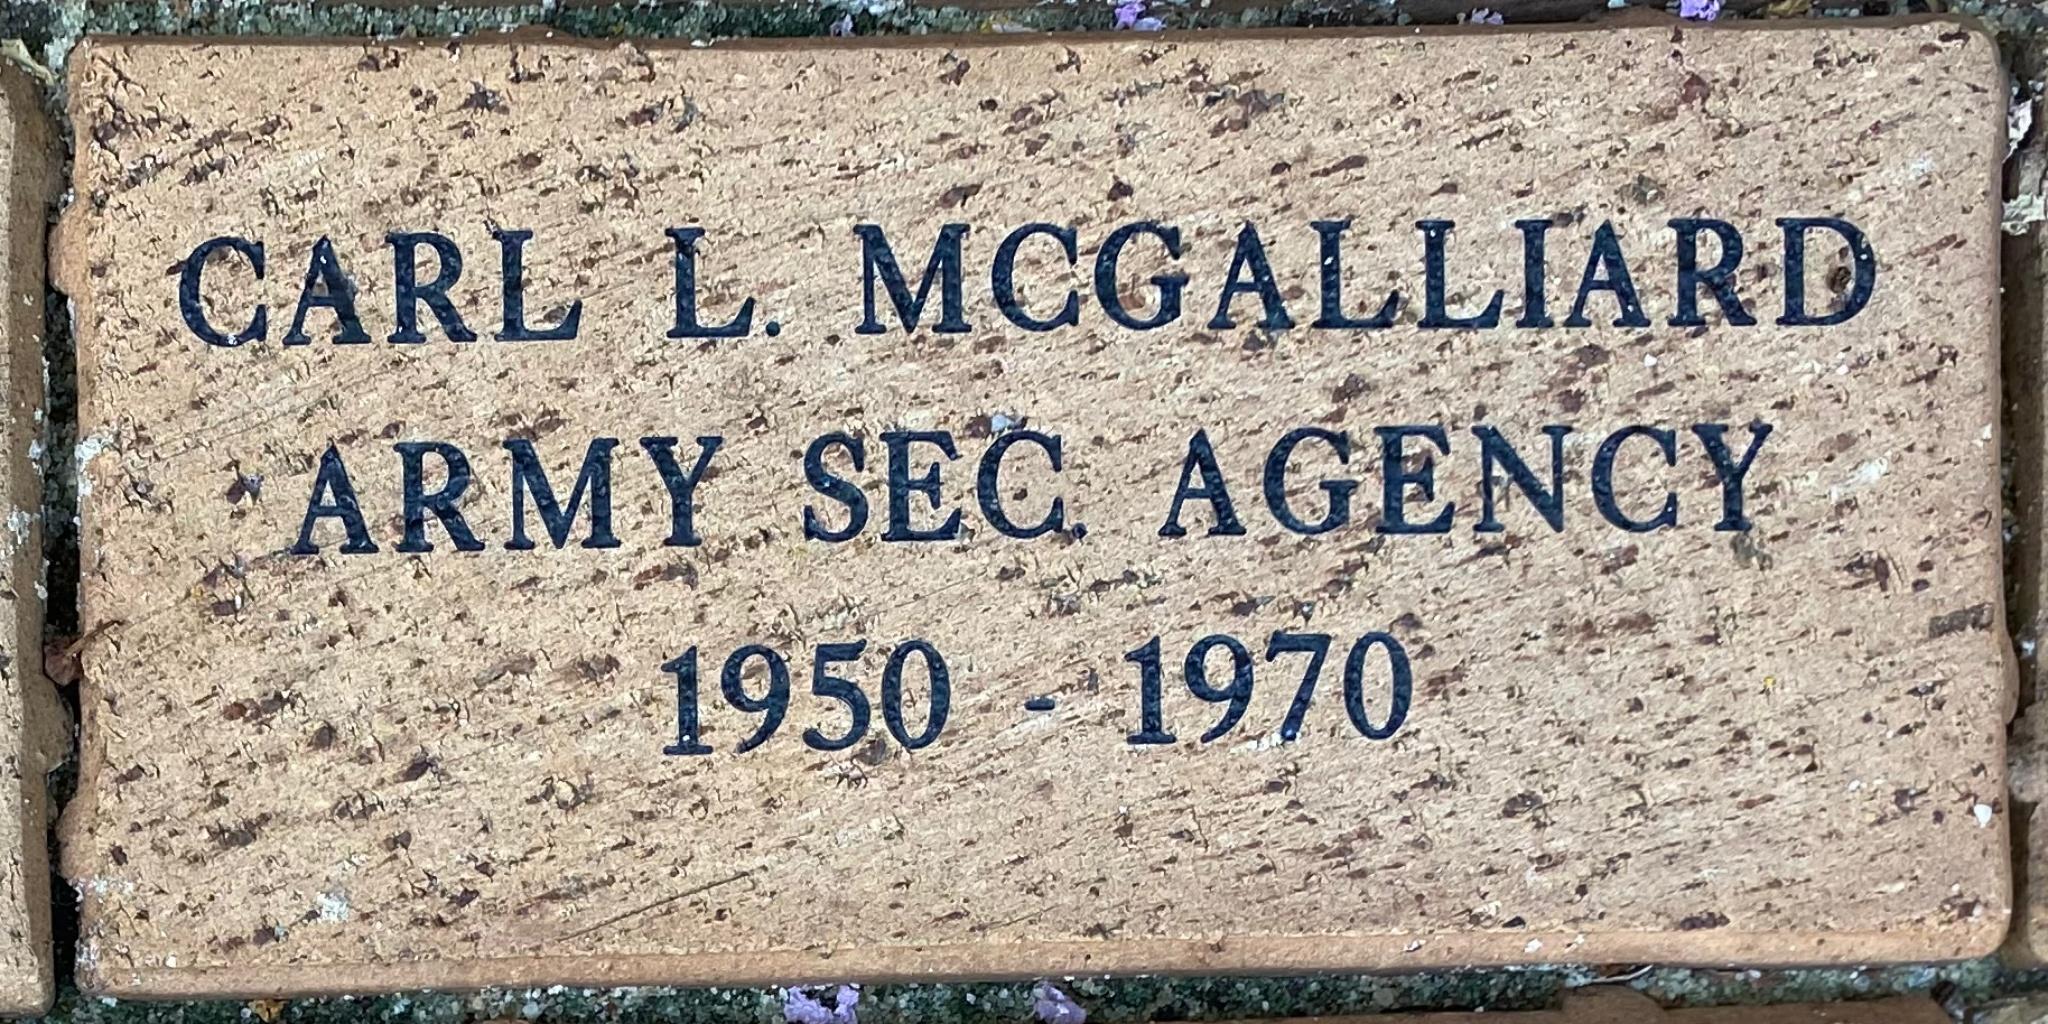 CARL L. MCGALLIARD ARMY SEC AGENCY 1950 – 1970